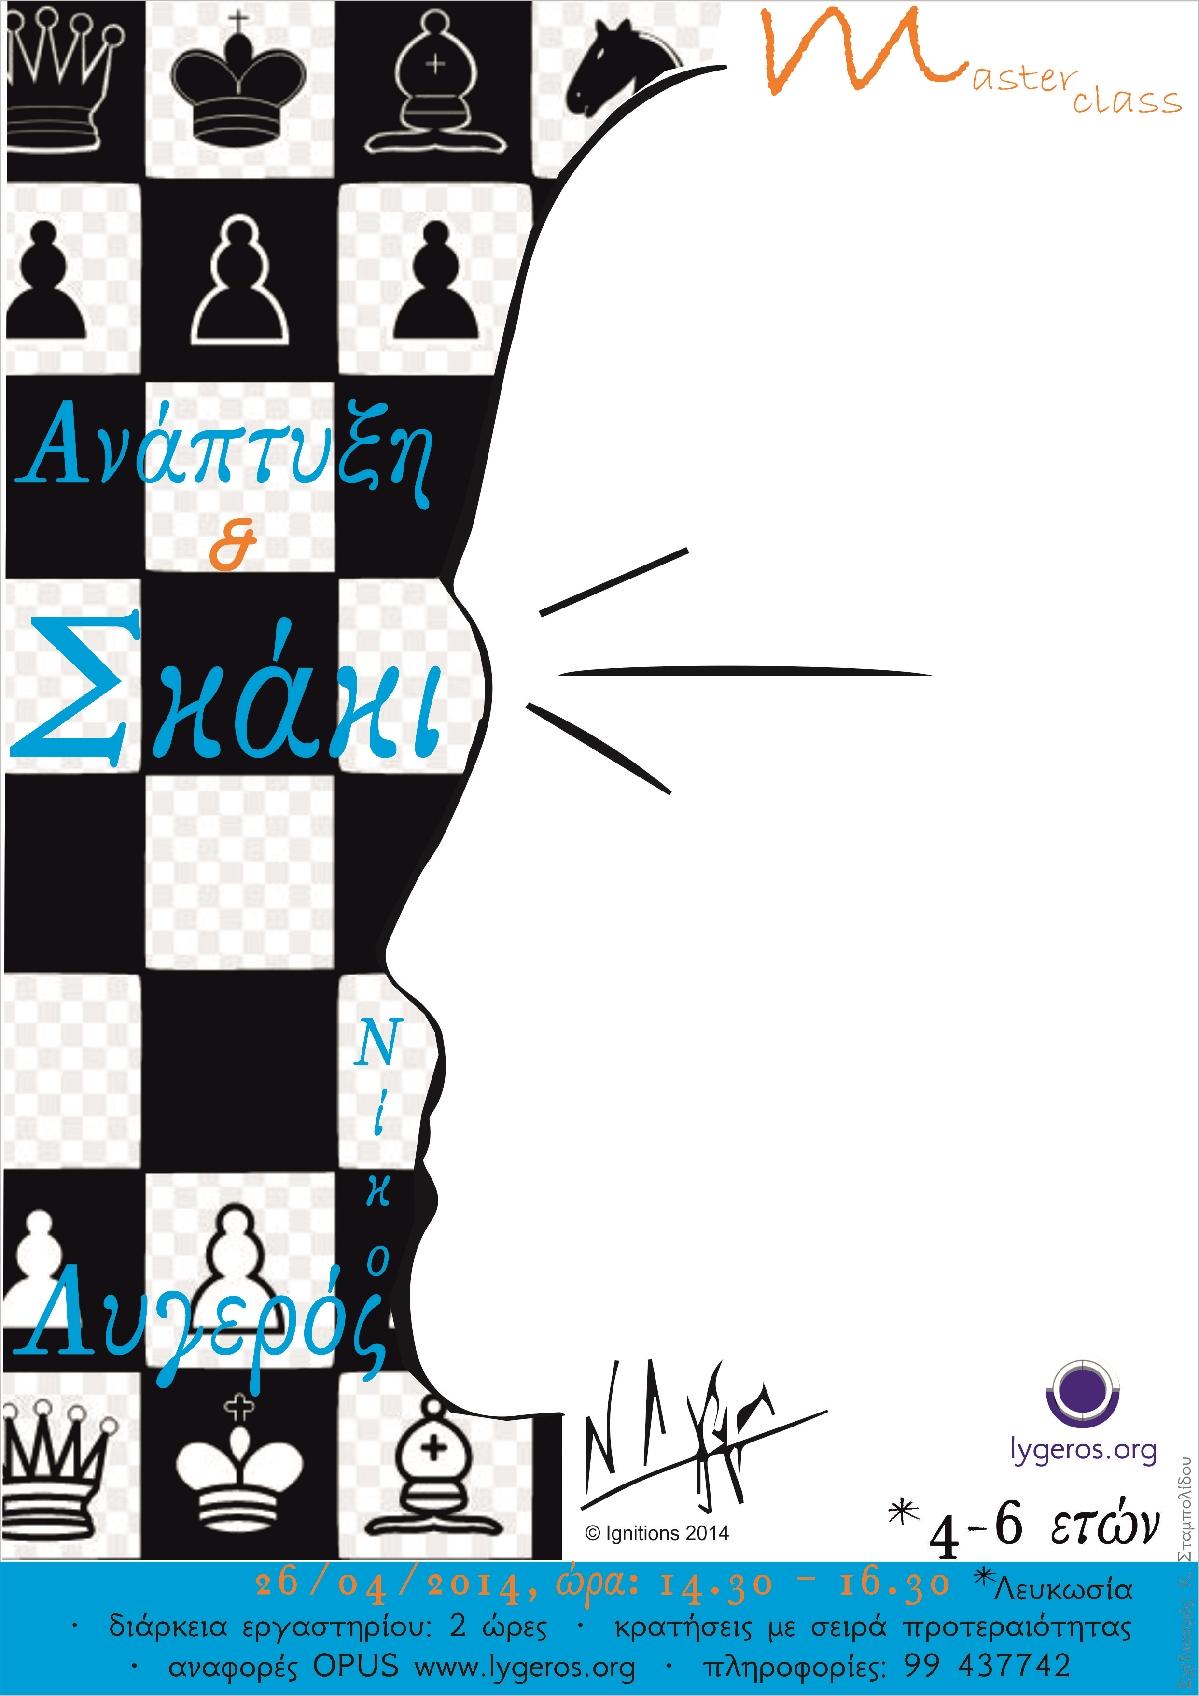 Ανάπτυξη και Σκάκι